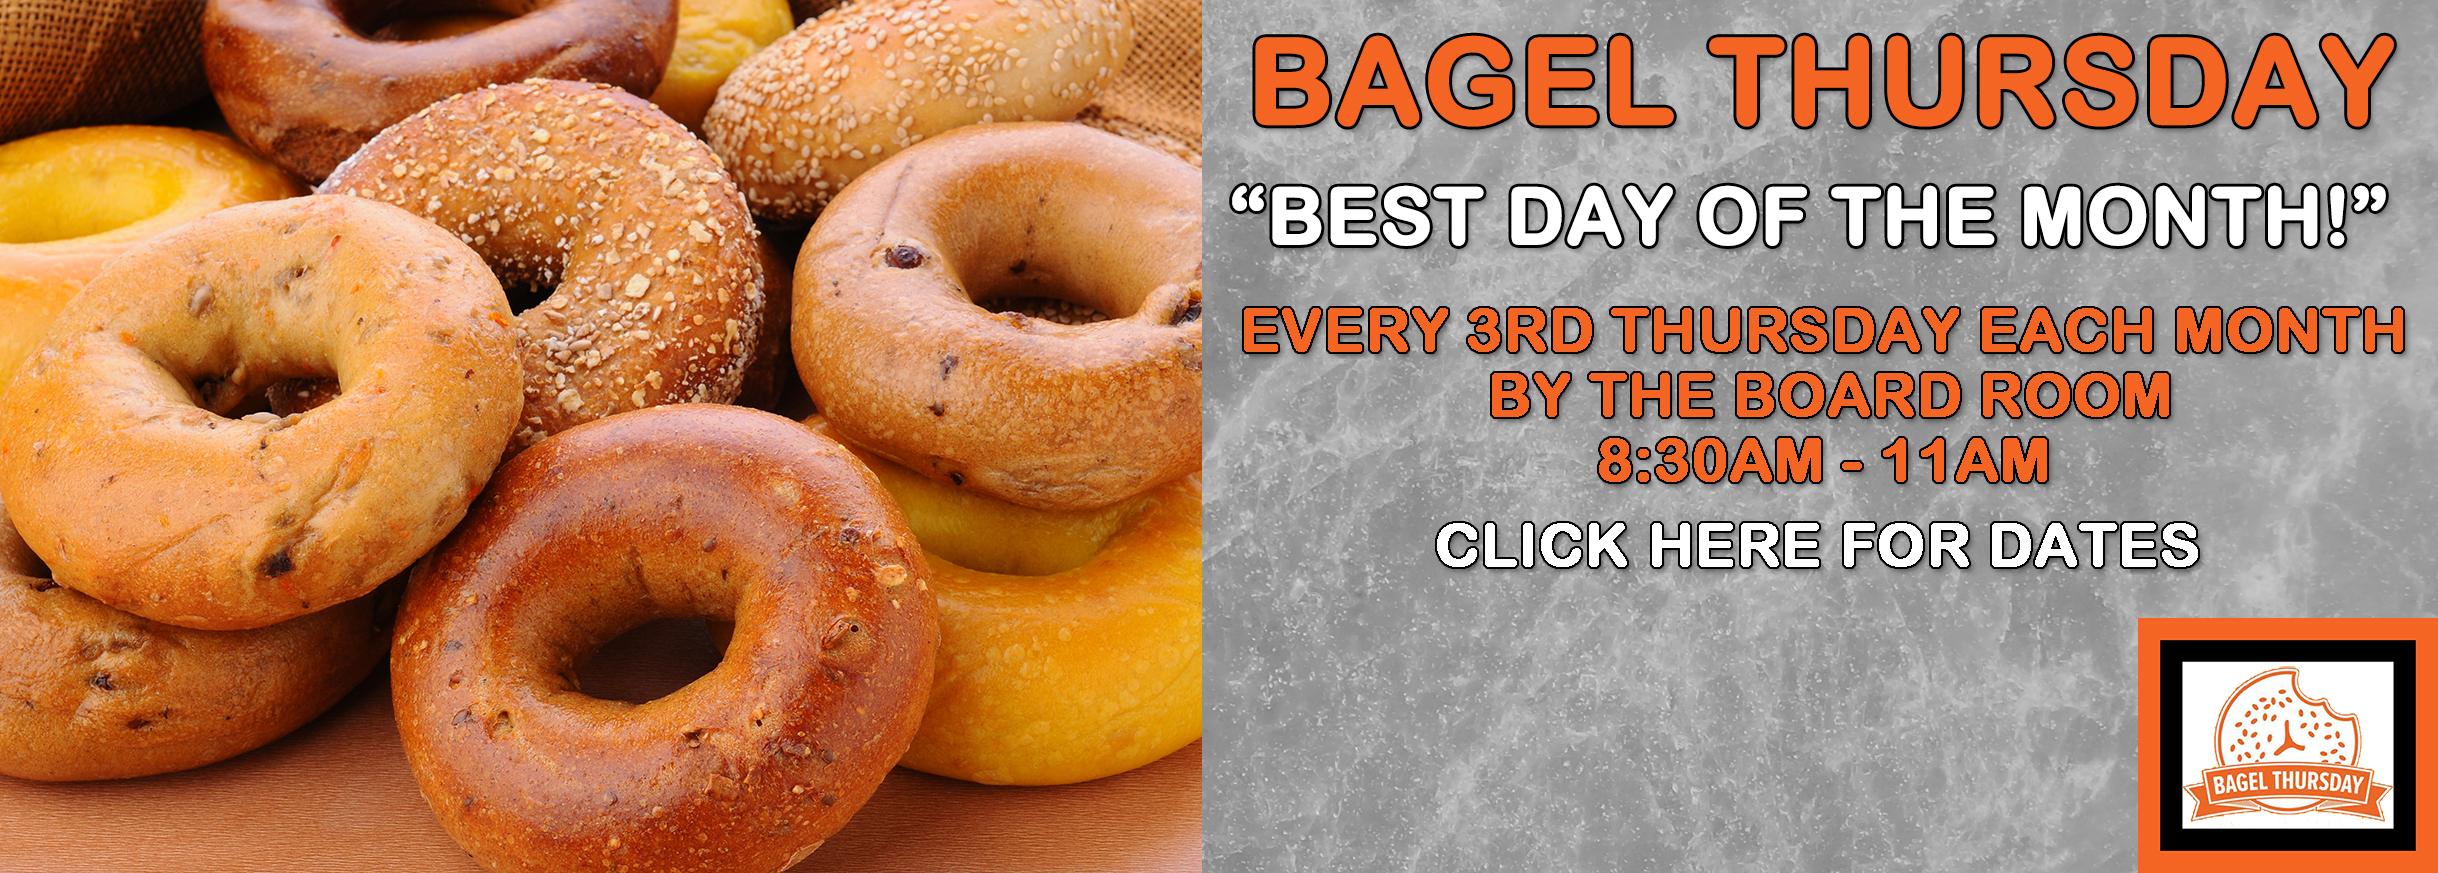 Bagel Thursday